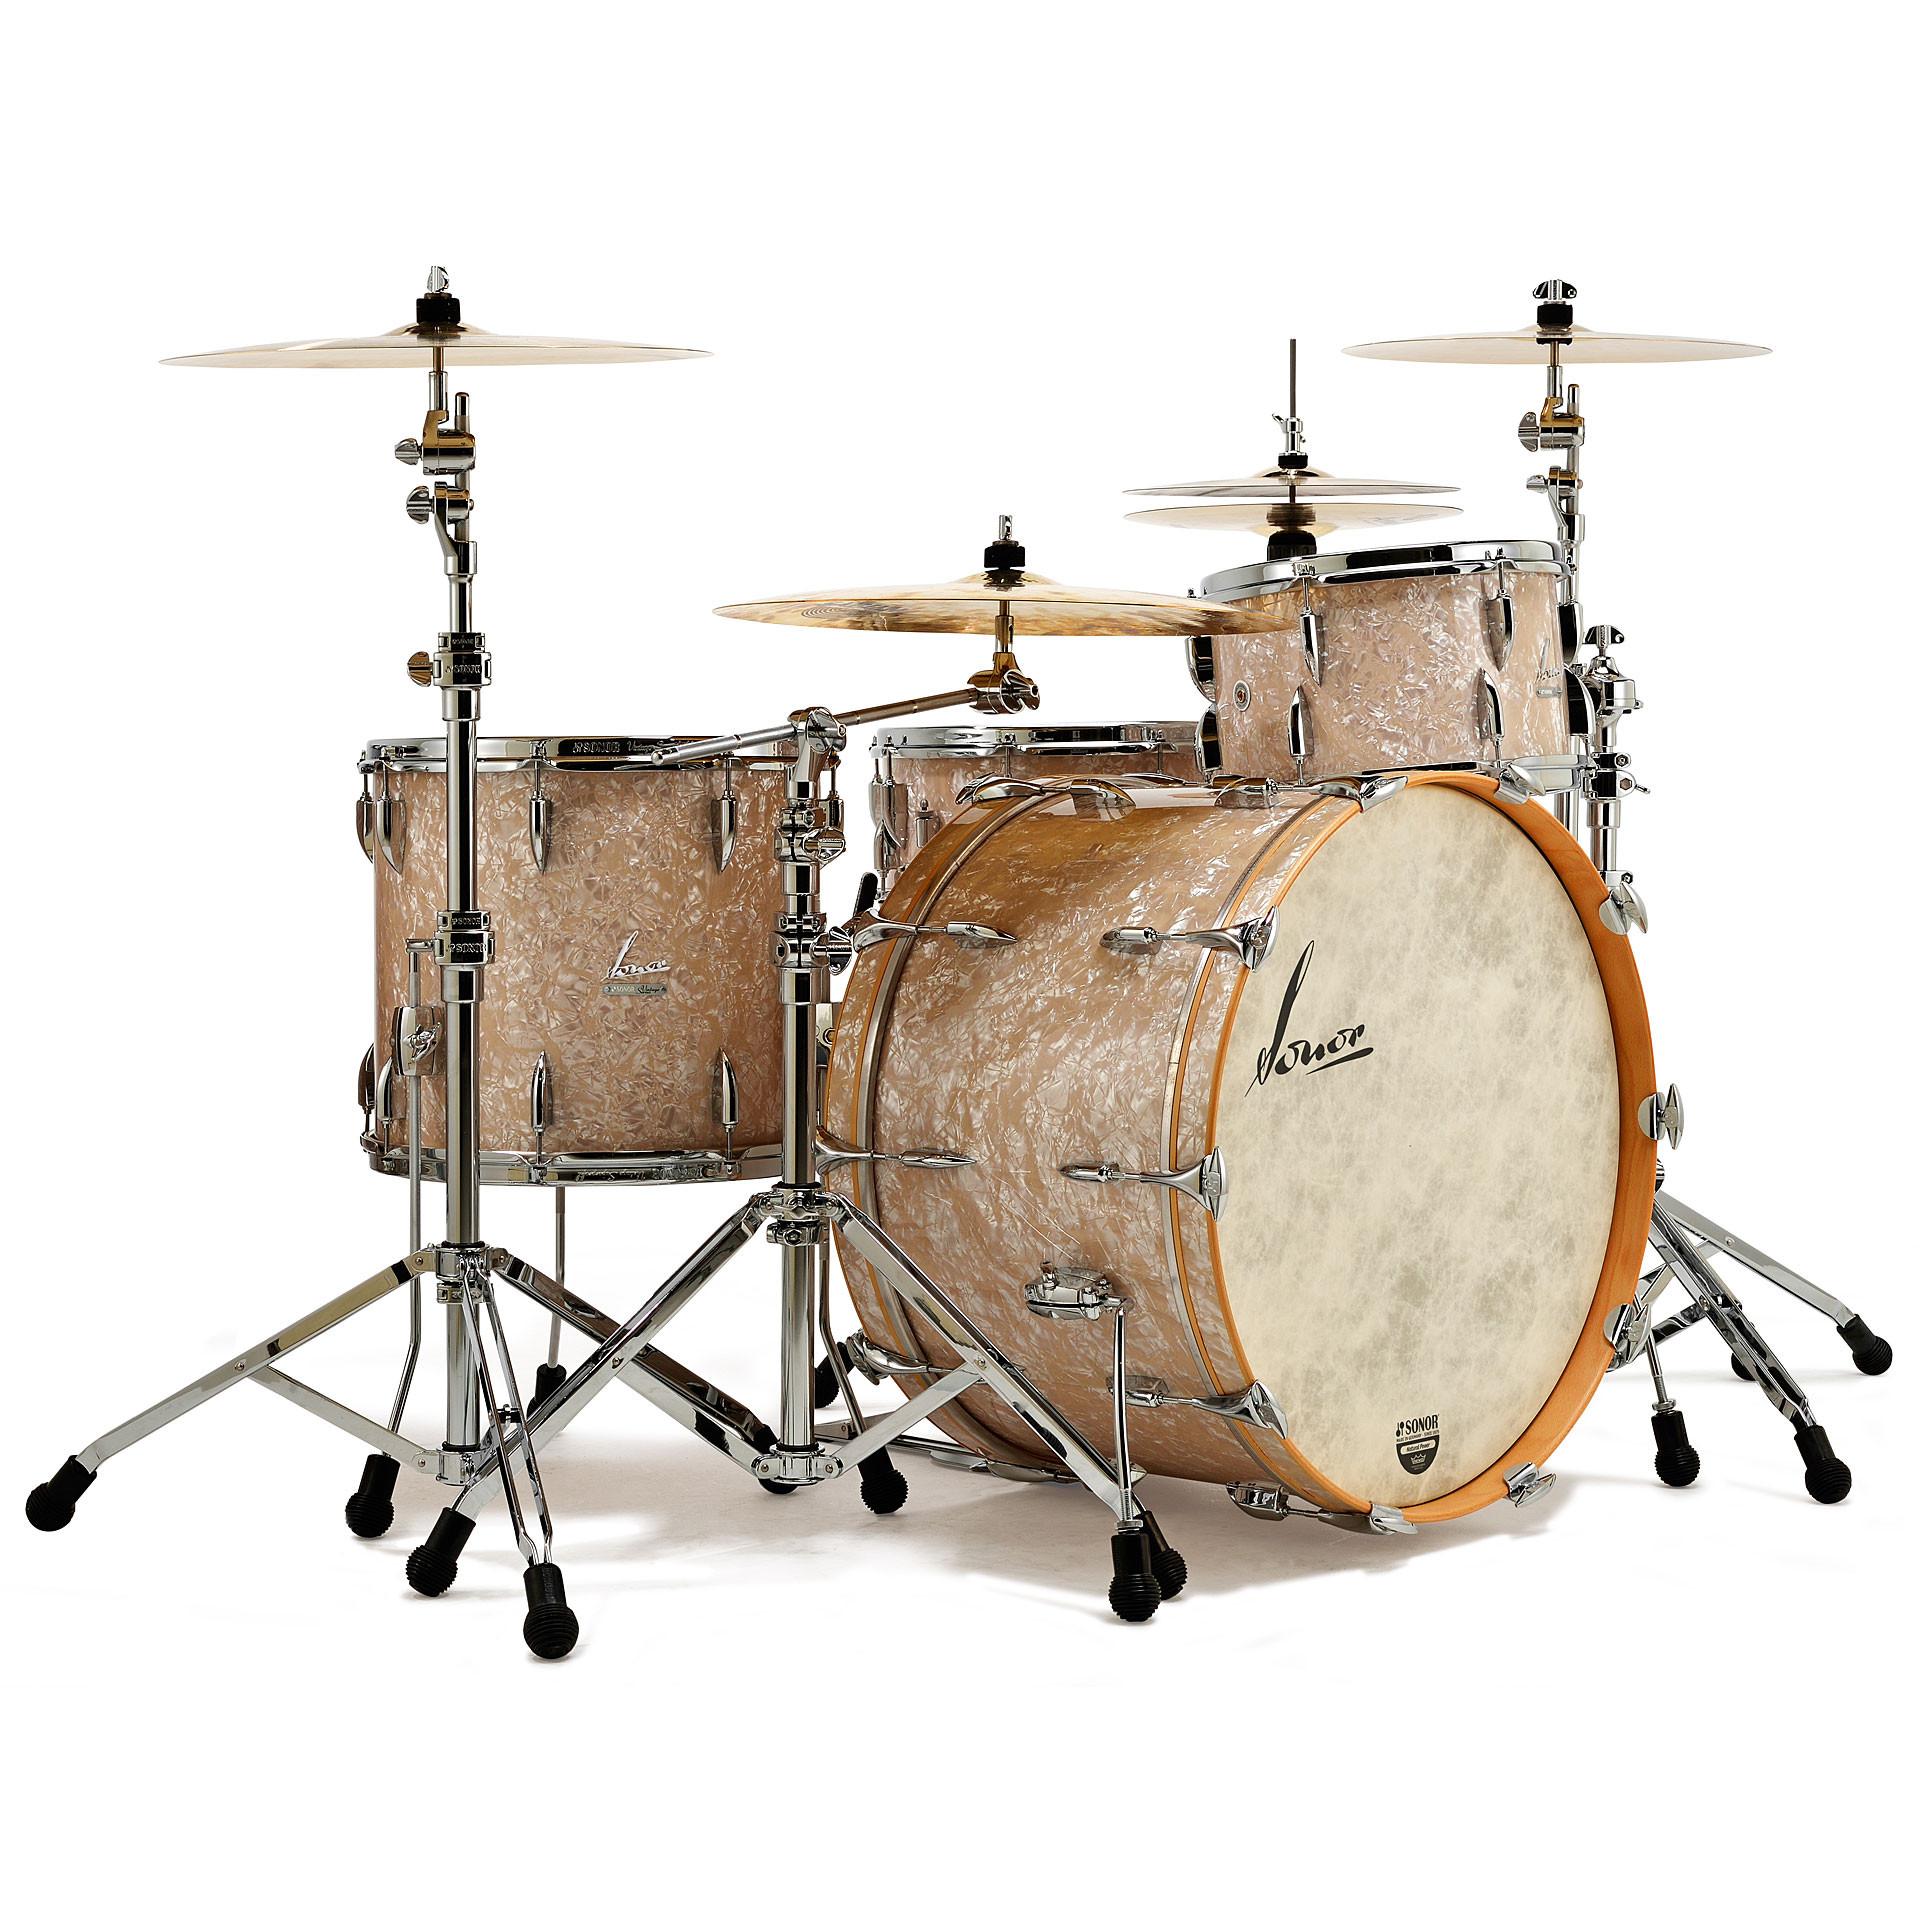 Billede af Sonor Vintage Series - Vintage Pearl Trommesæt